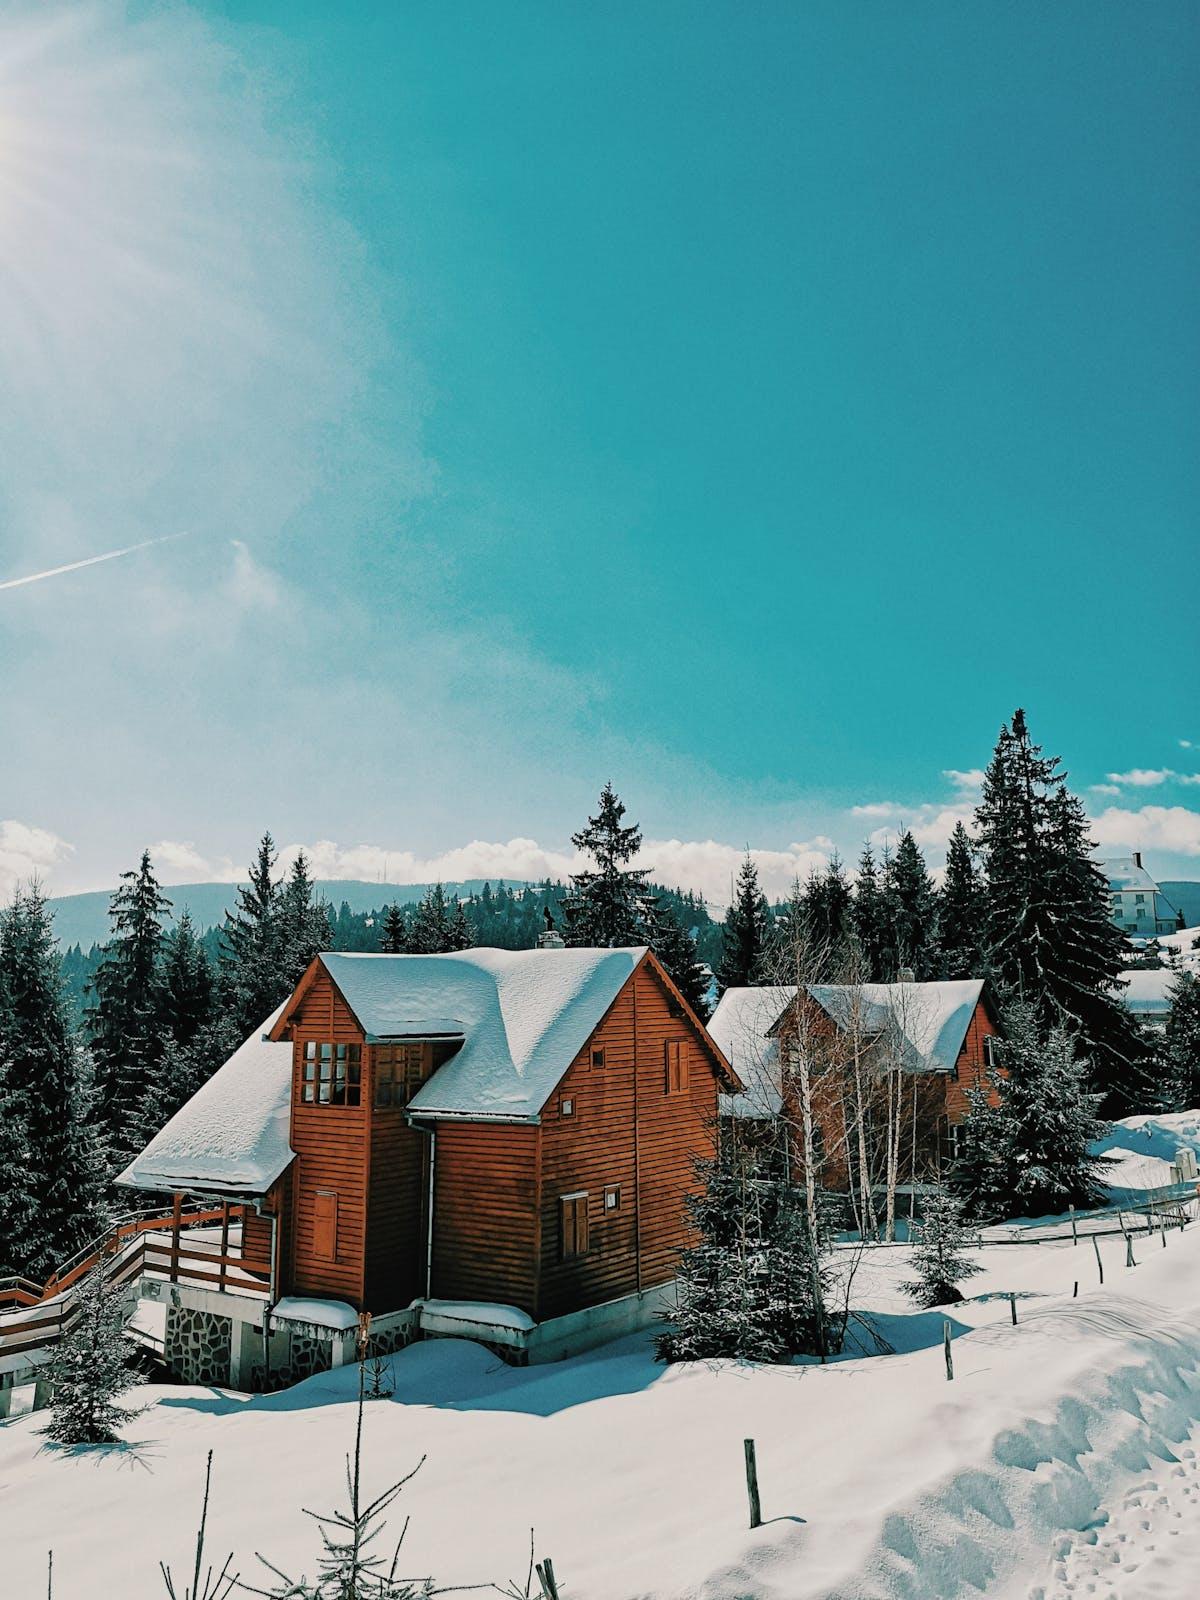 Winter Cabin Getaways